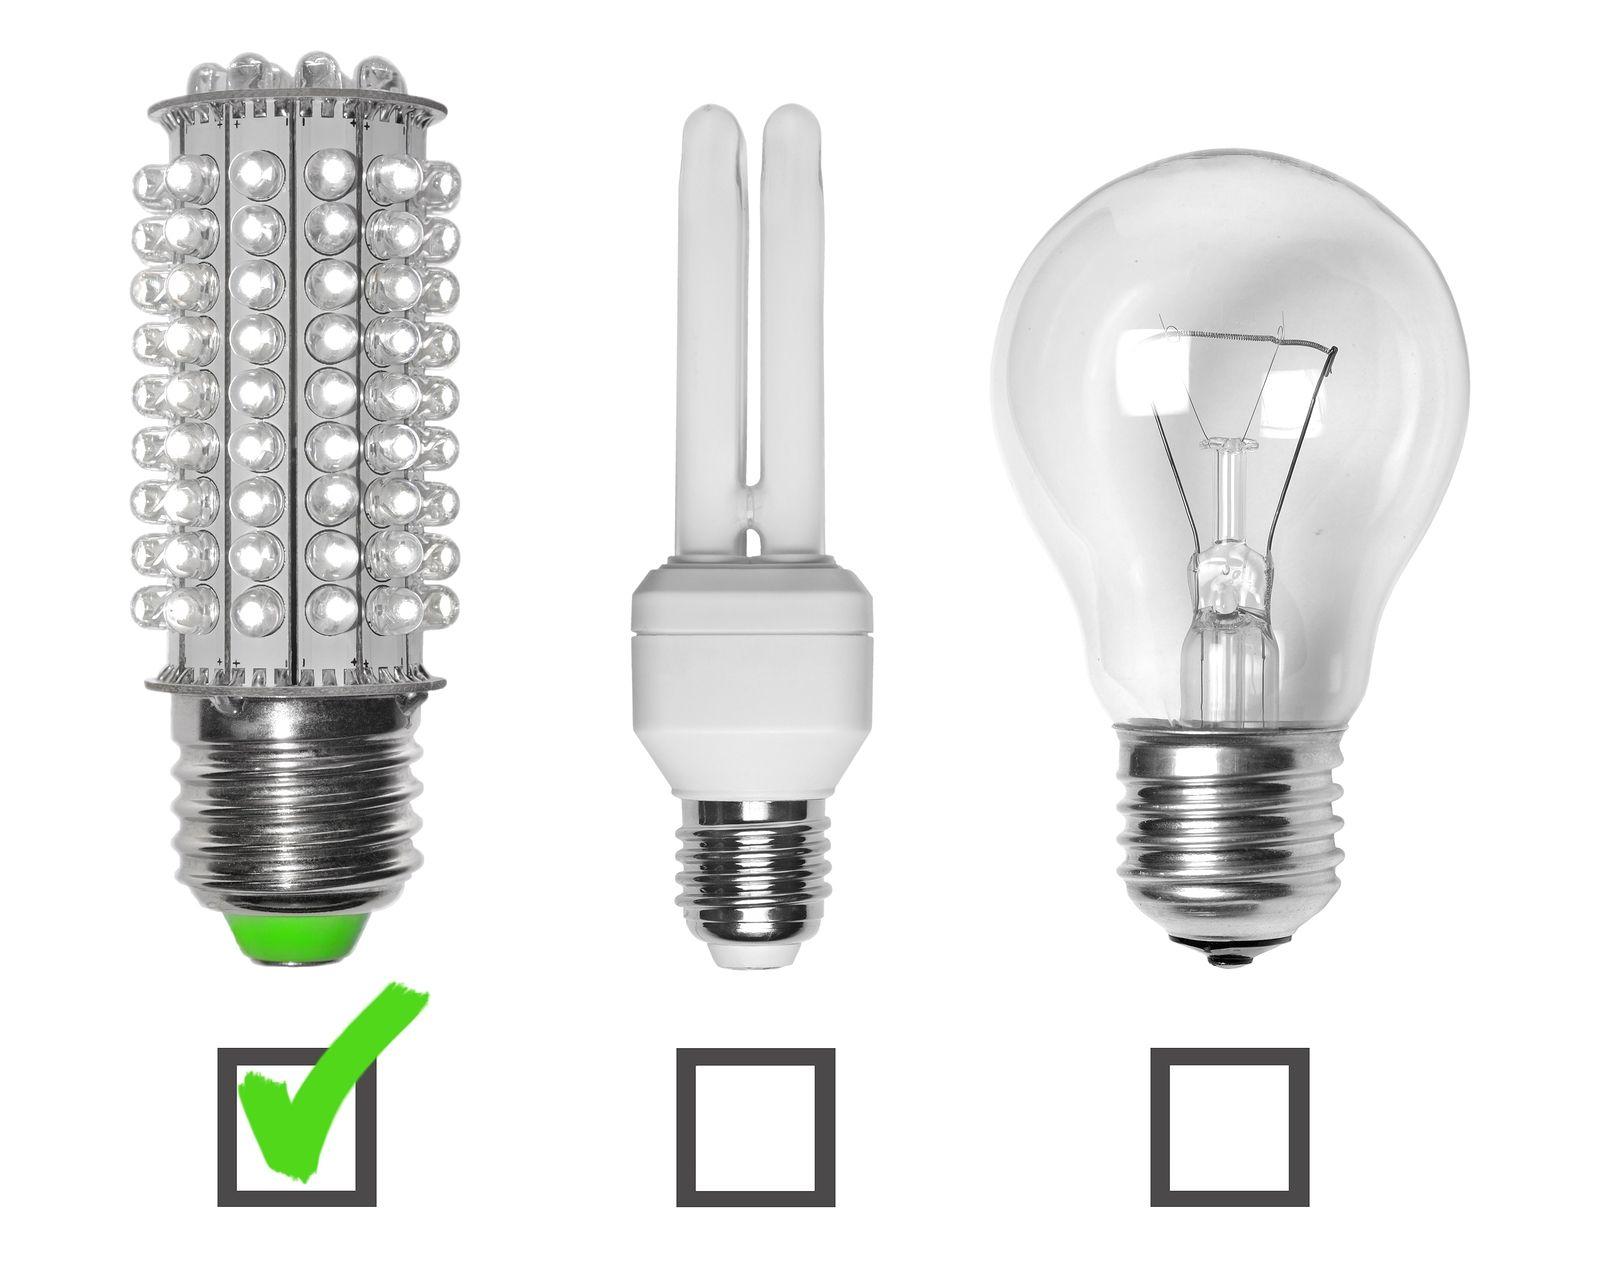 Best Led Light Bulbs For Home Use | http://johncow.us | Pinterest ...